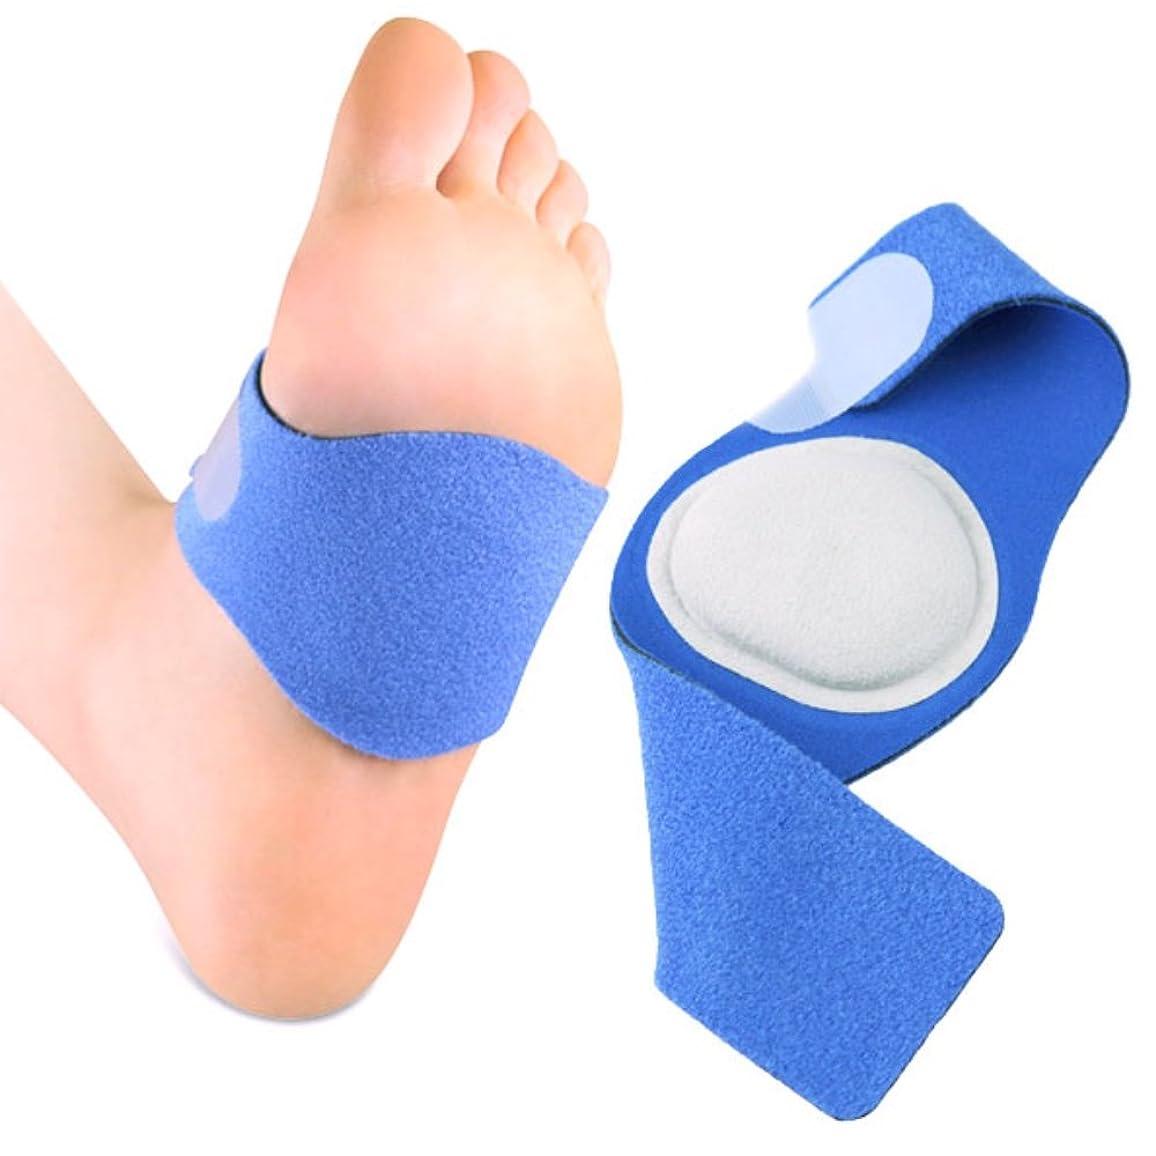 ごちそうフォーカスリベラルTAKUMED アーチサポーター 扁平足 凹足 足底筋膜炎 サポーター 土踏まず 立ち仕事 男女兼用 サイズ調整可能 左右セット (S-Mサイズ)